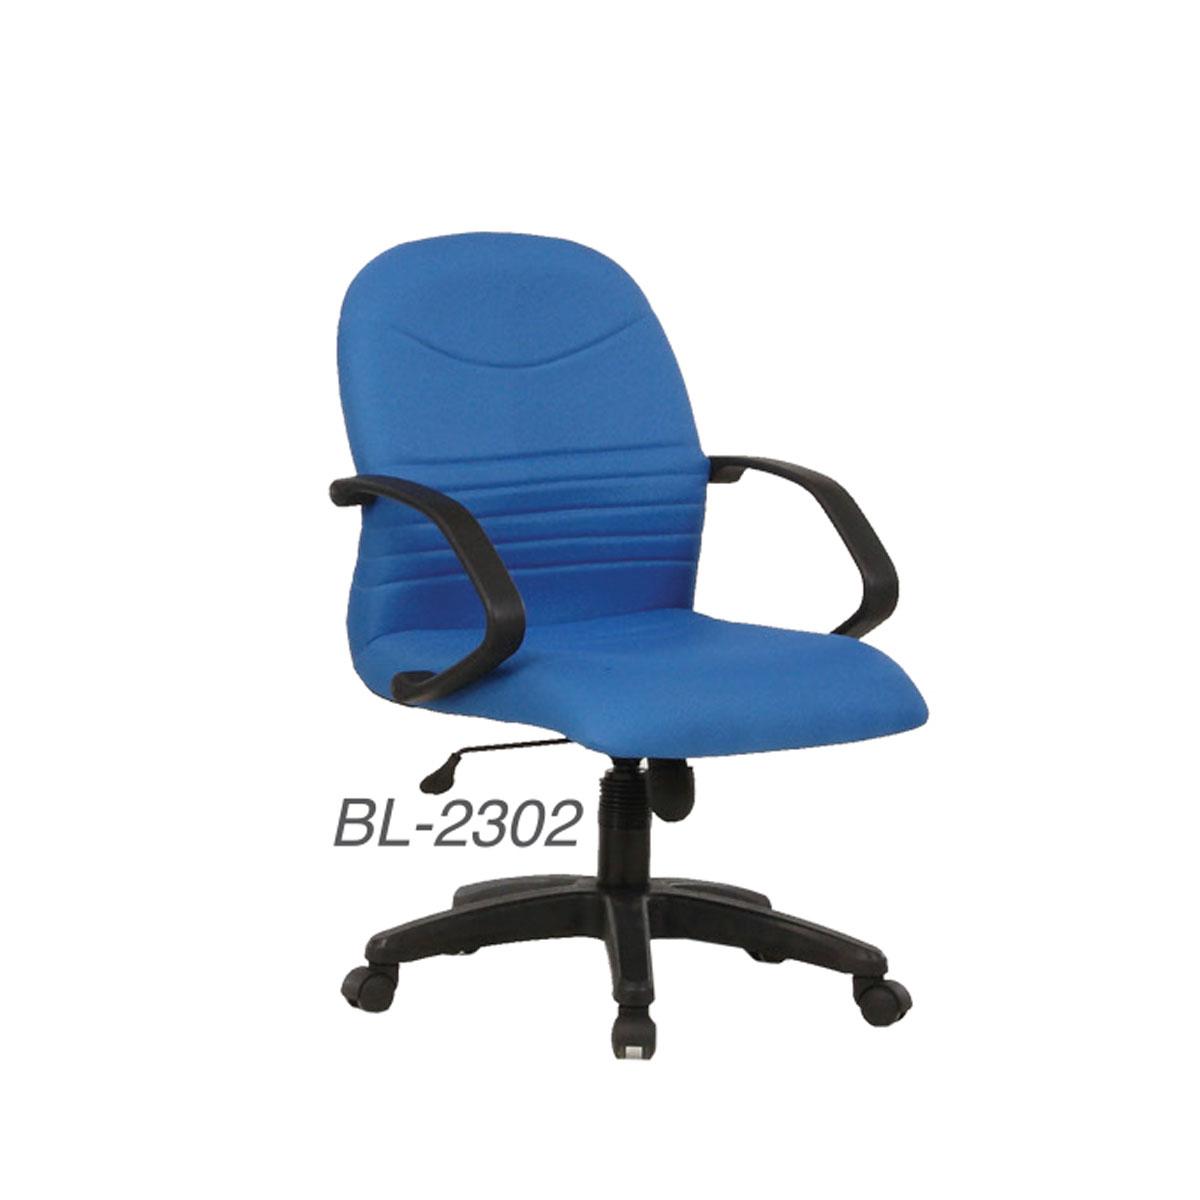 low back chair bl 2302. Black Bedroom Furniture Sets. Home Design Ideas